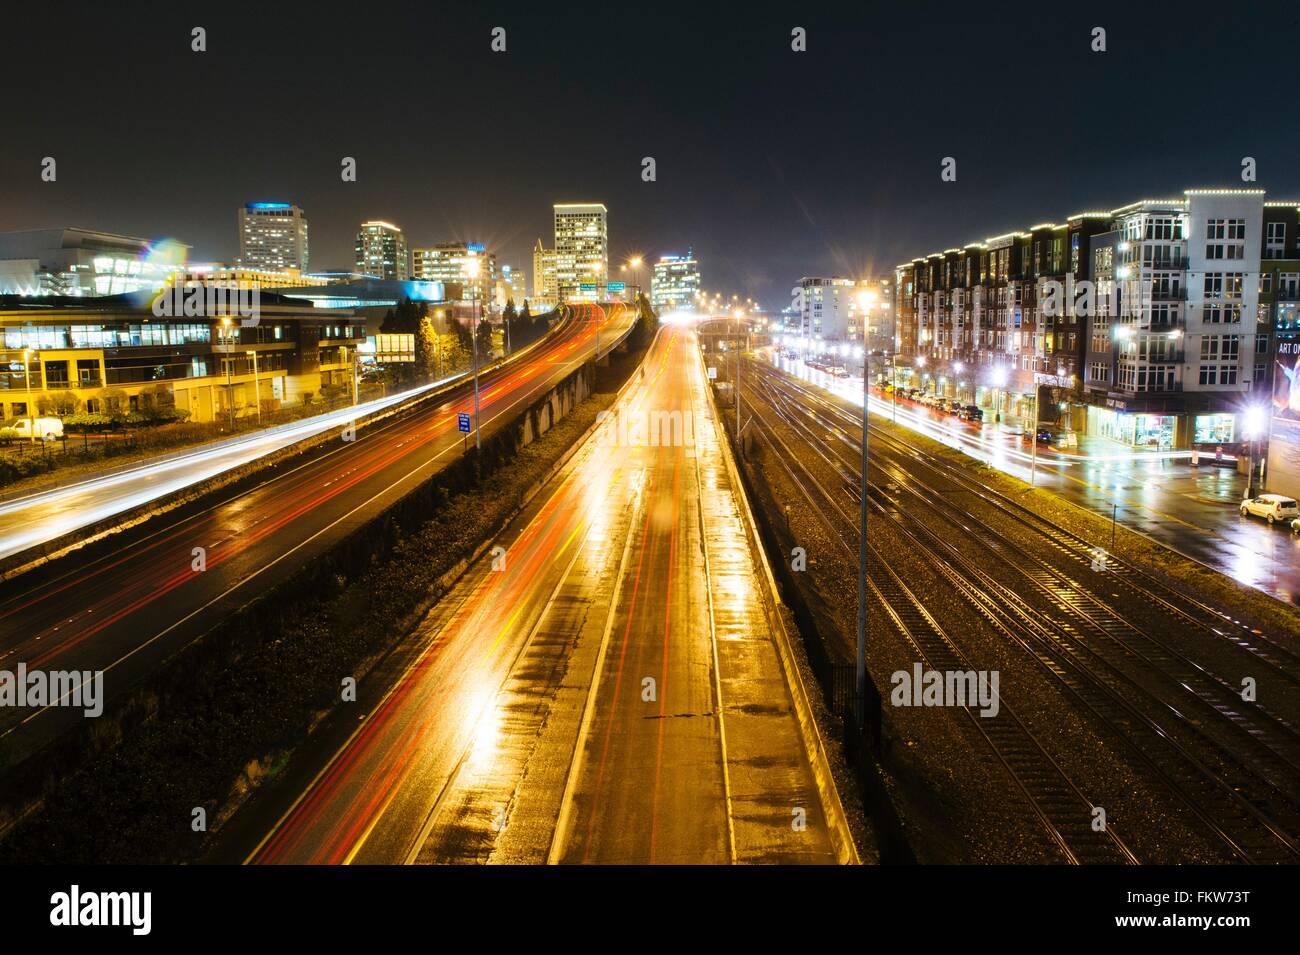 Cityscape with flyover next to rail track at night, Tacoma, Washington, USA - Stock Image